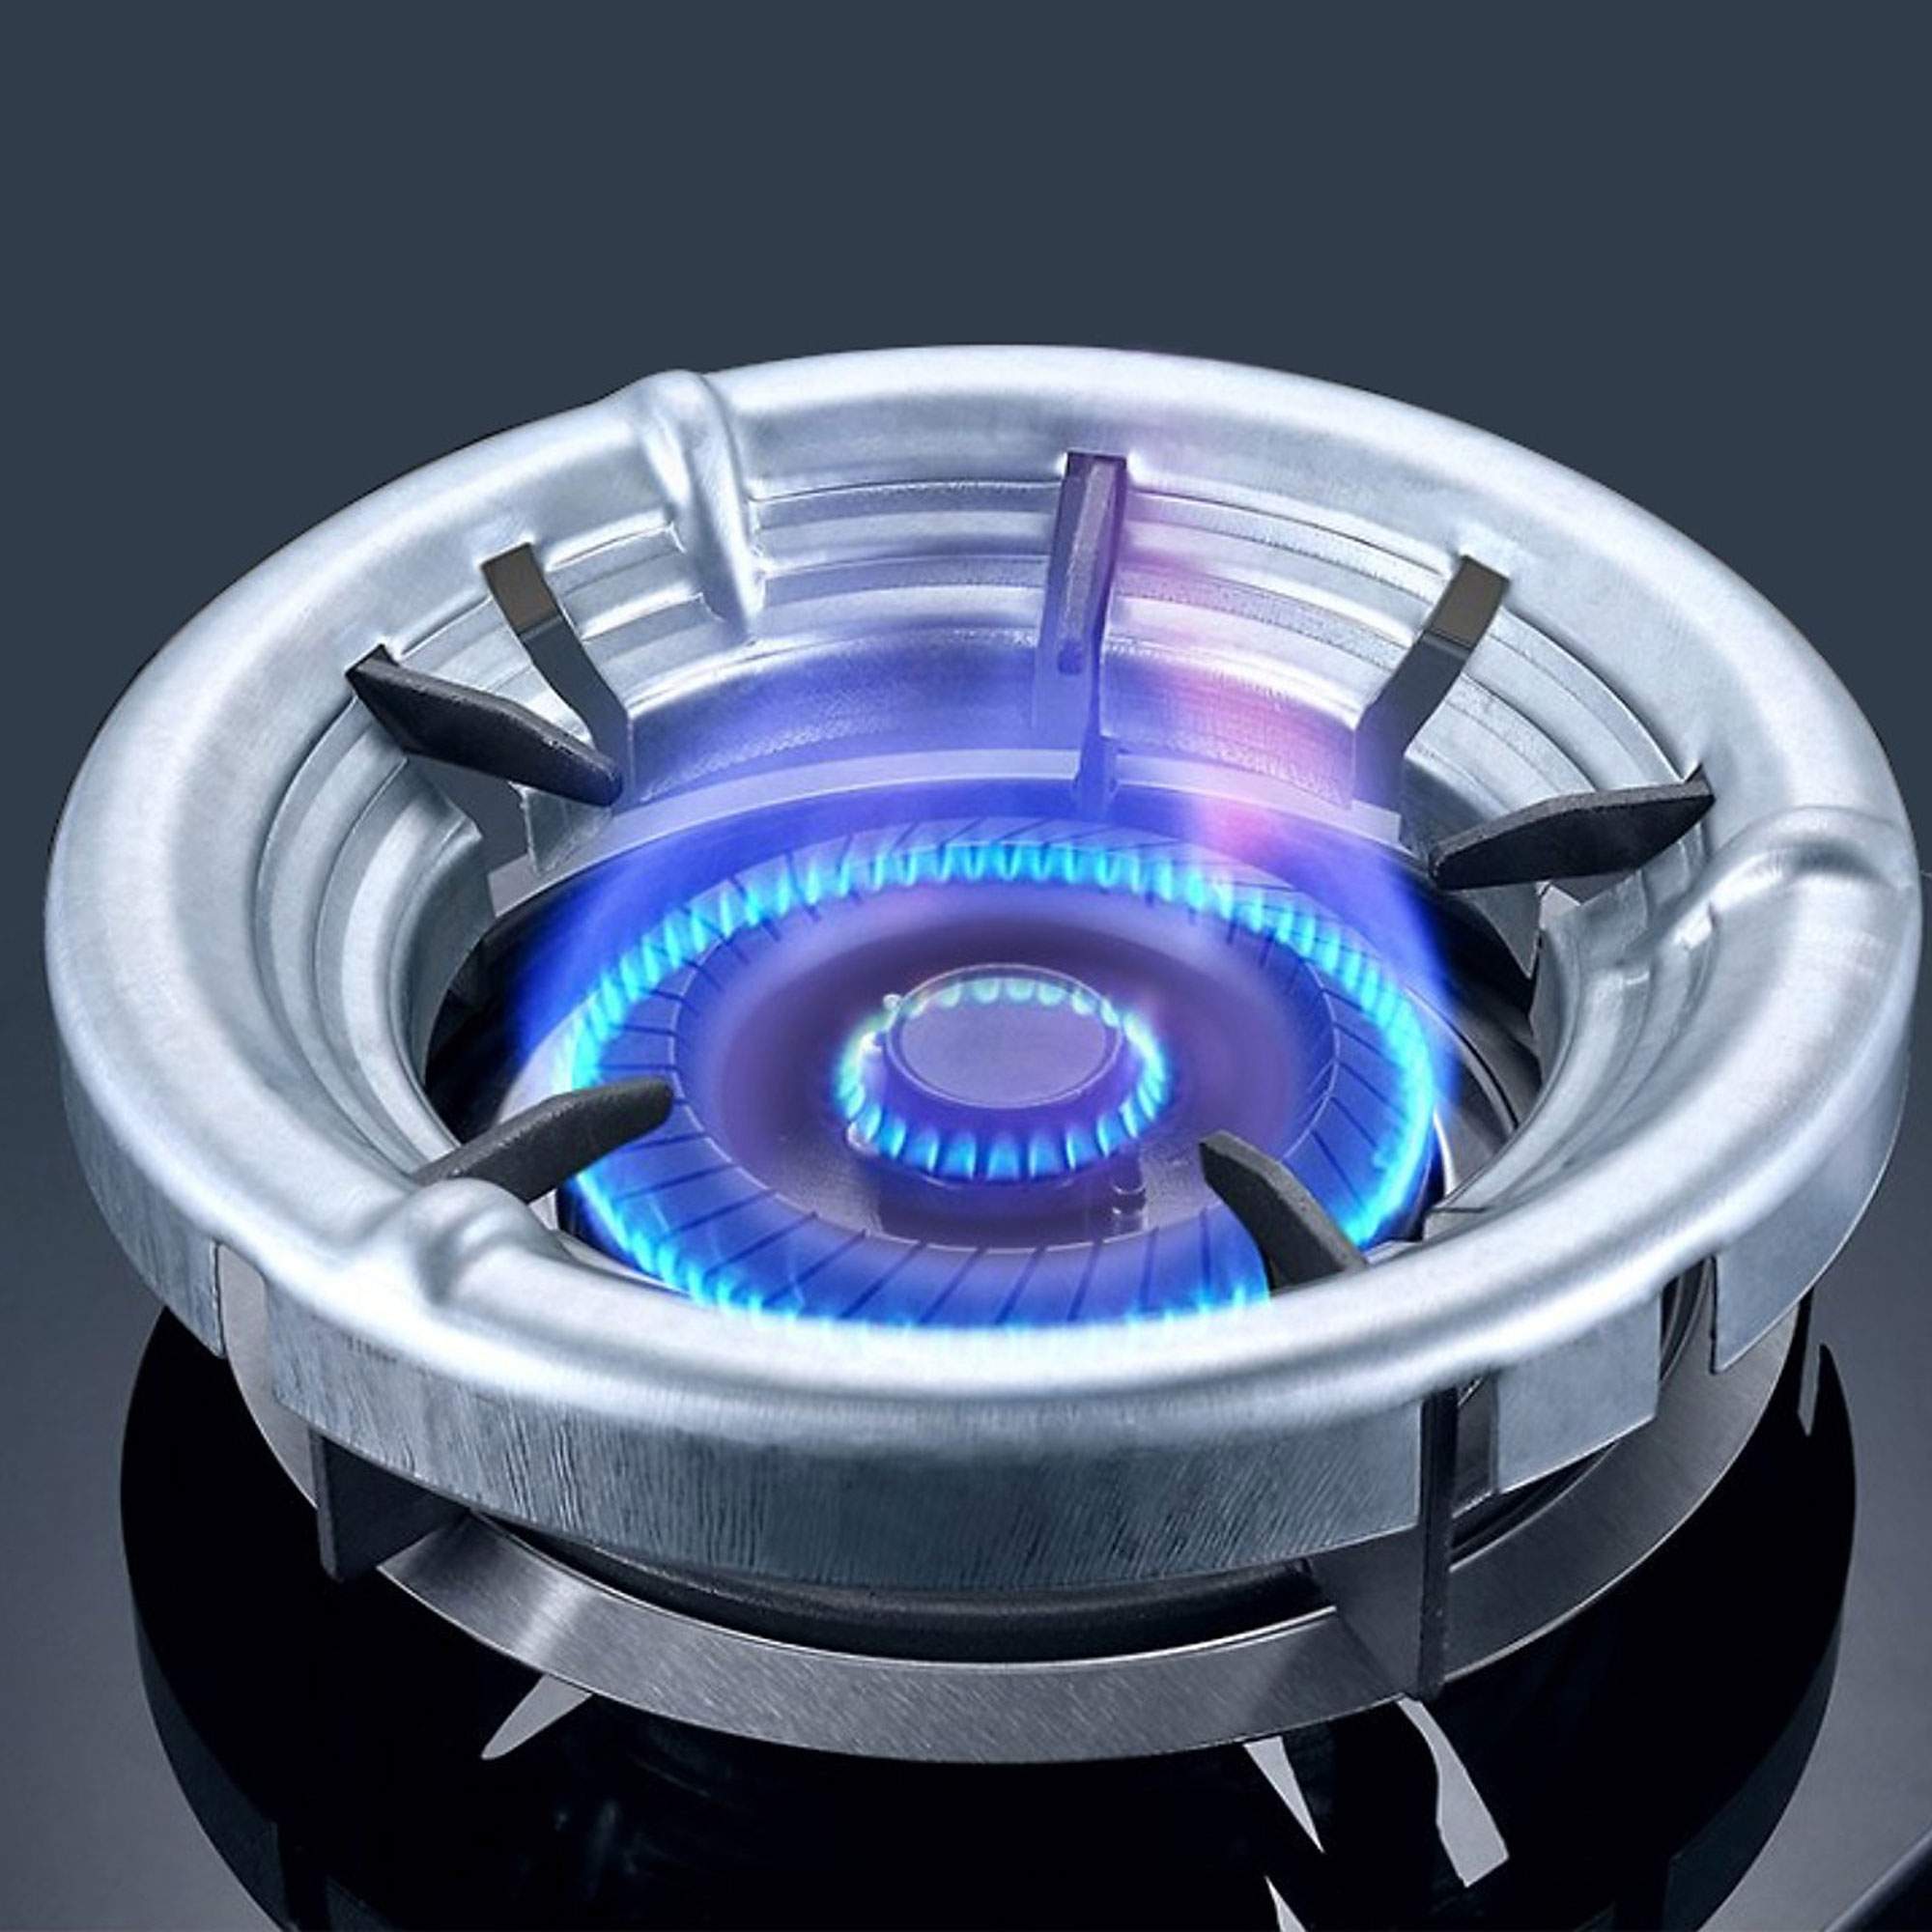 Vỉ Chắn Gió Bếp Gas Bằng Thép Hợp Kim Giúp Tiết Kiệm Gas